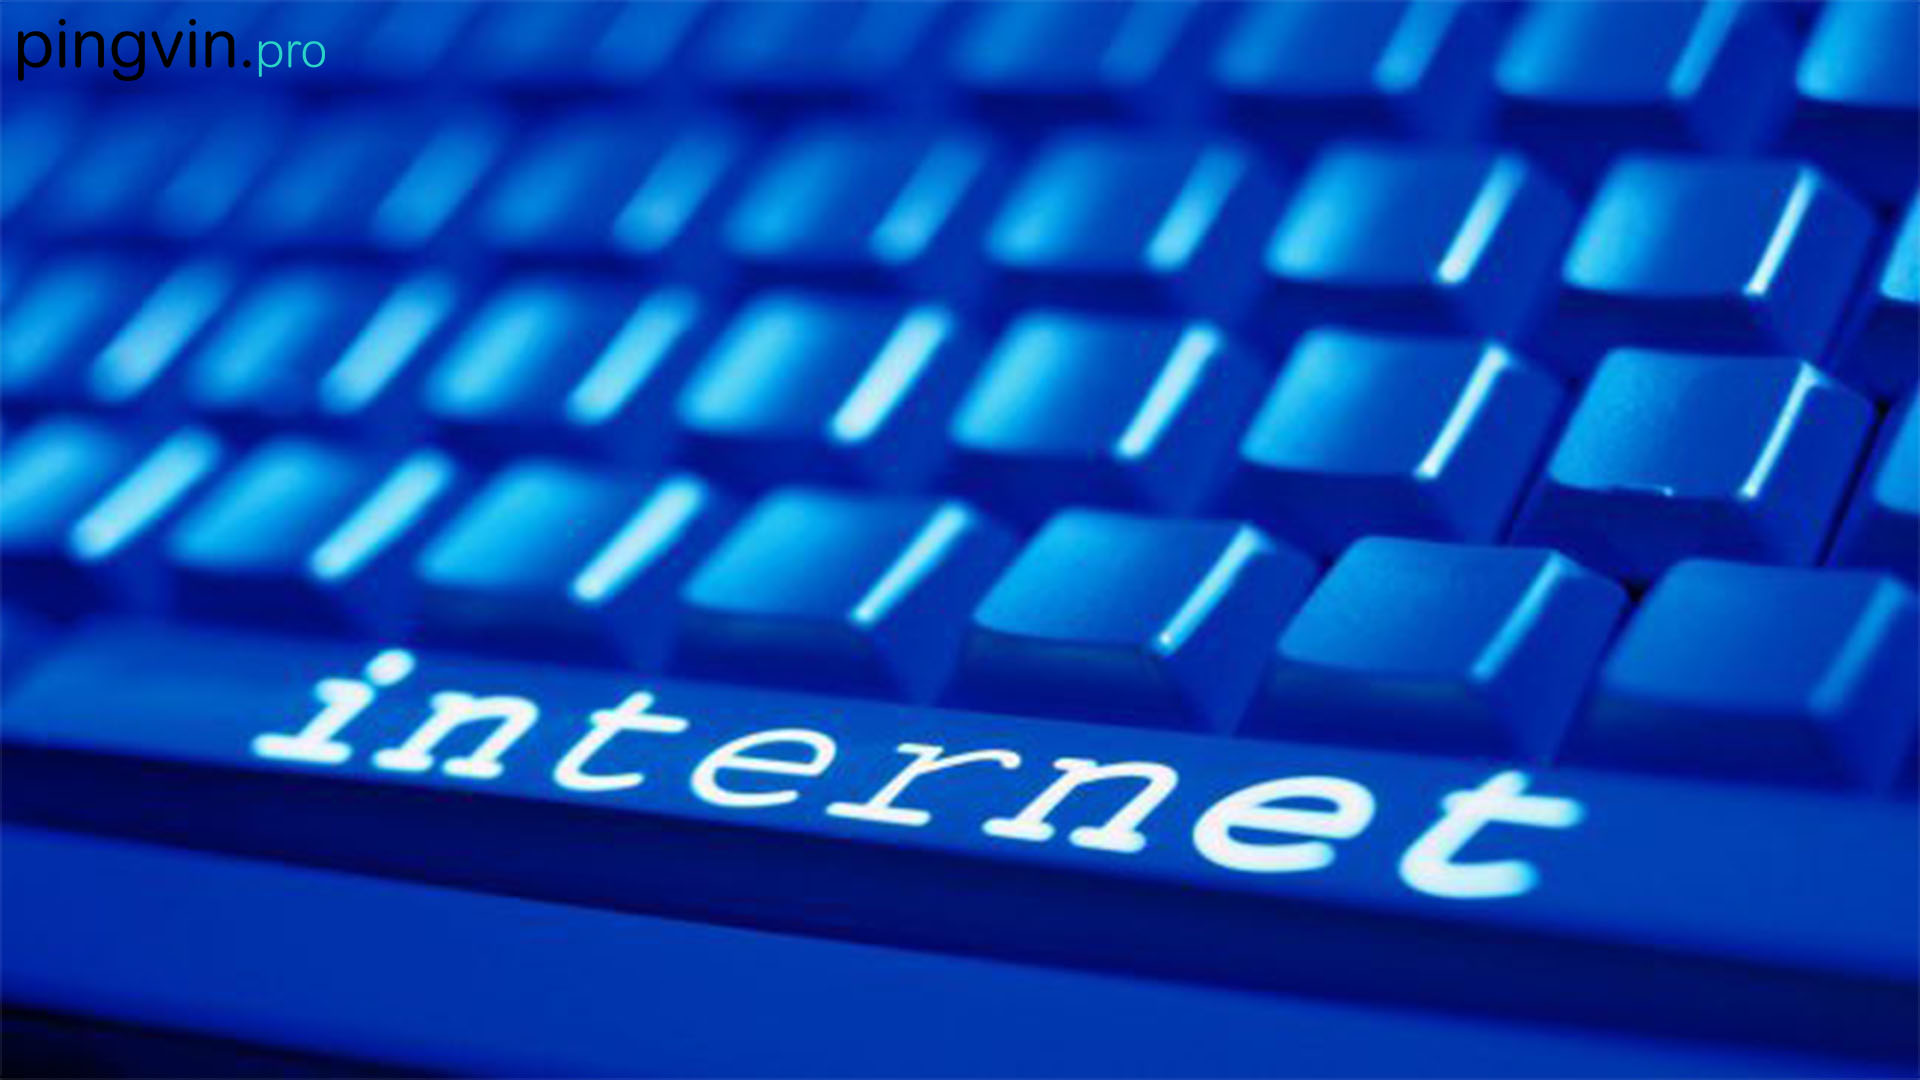 найбільш захищений інтернет / Дія.Цифрова освіта / оптичного інтернету